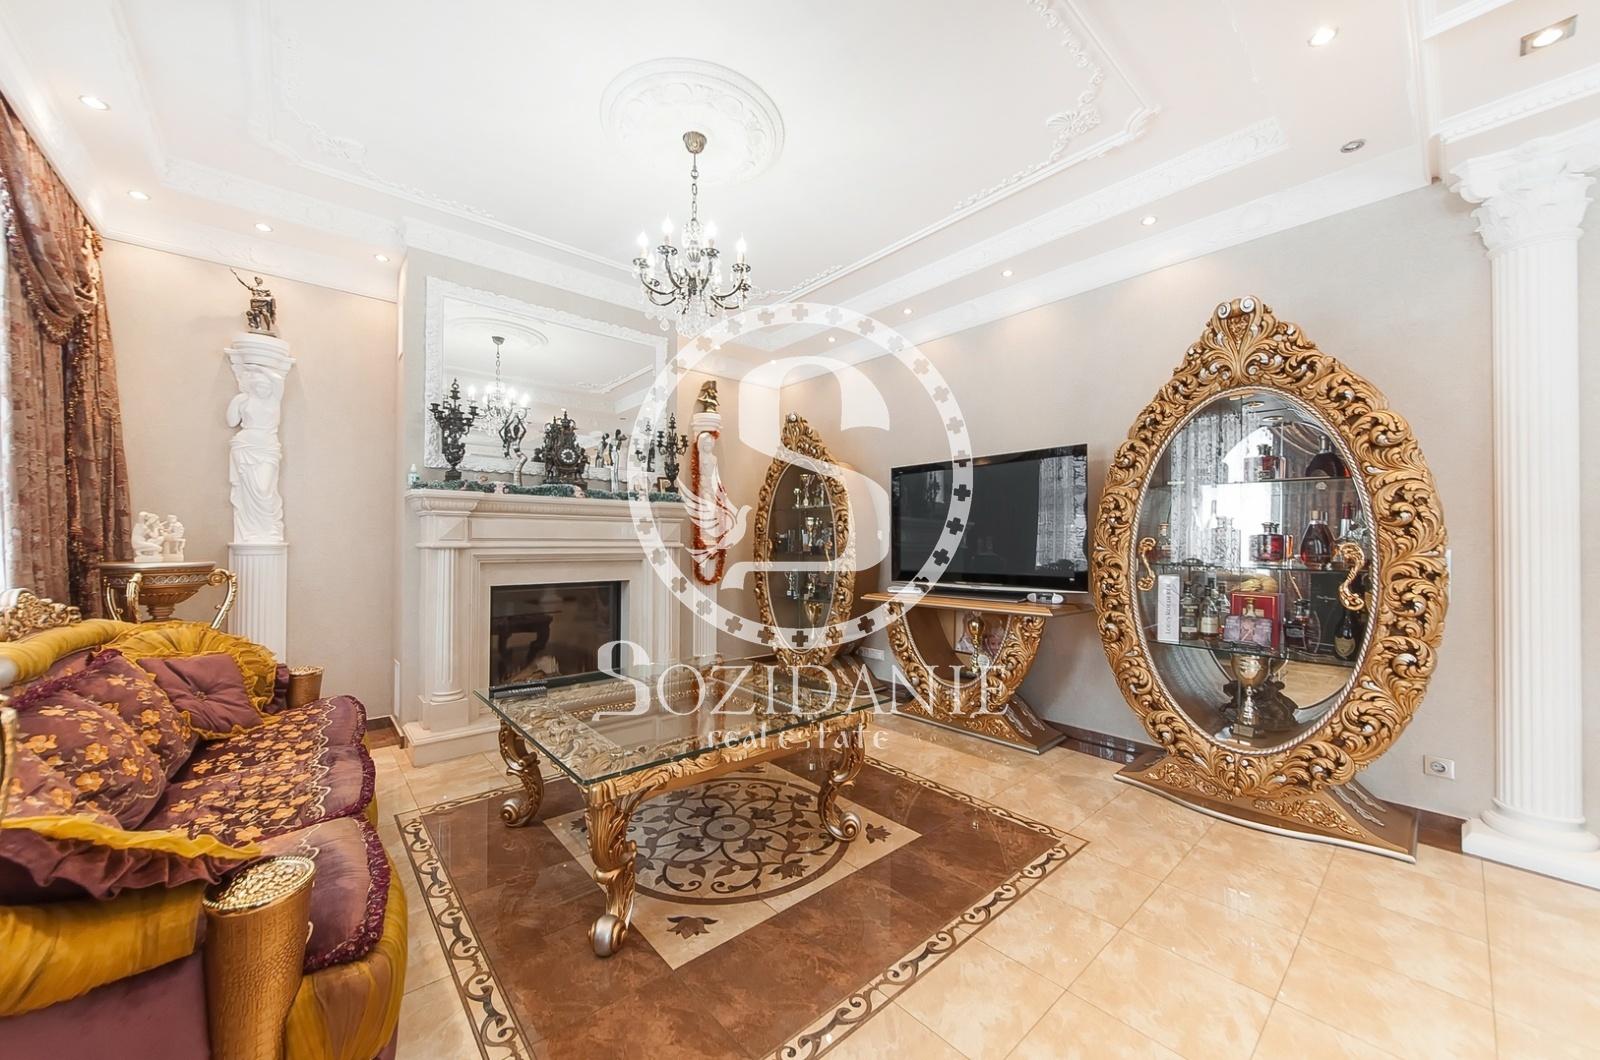 5 Bedrooms, Загородная, Продажа, Listing ID 1278, Московская область, Россия,